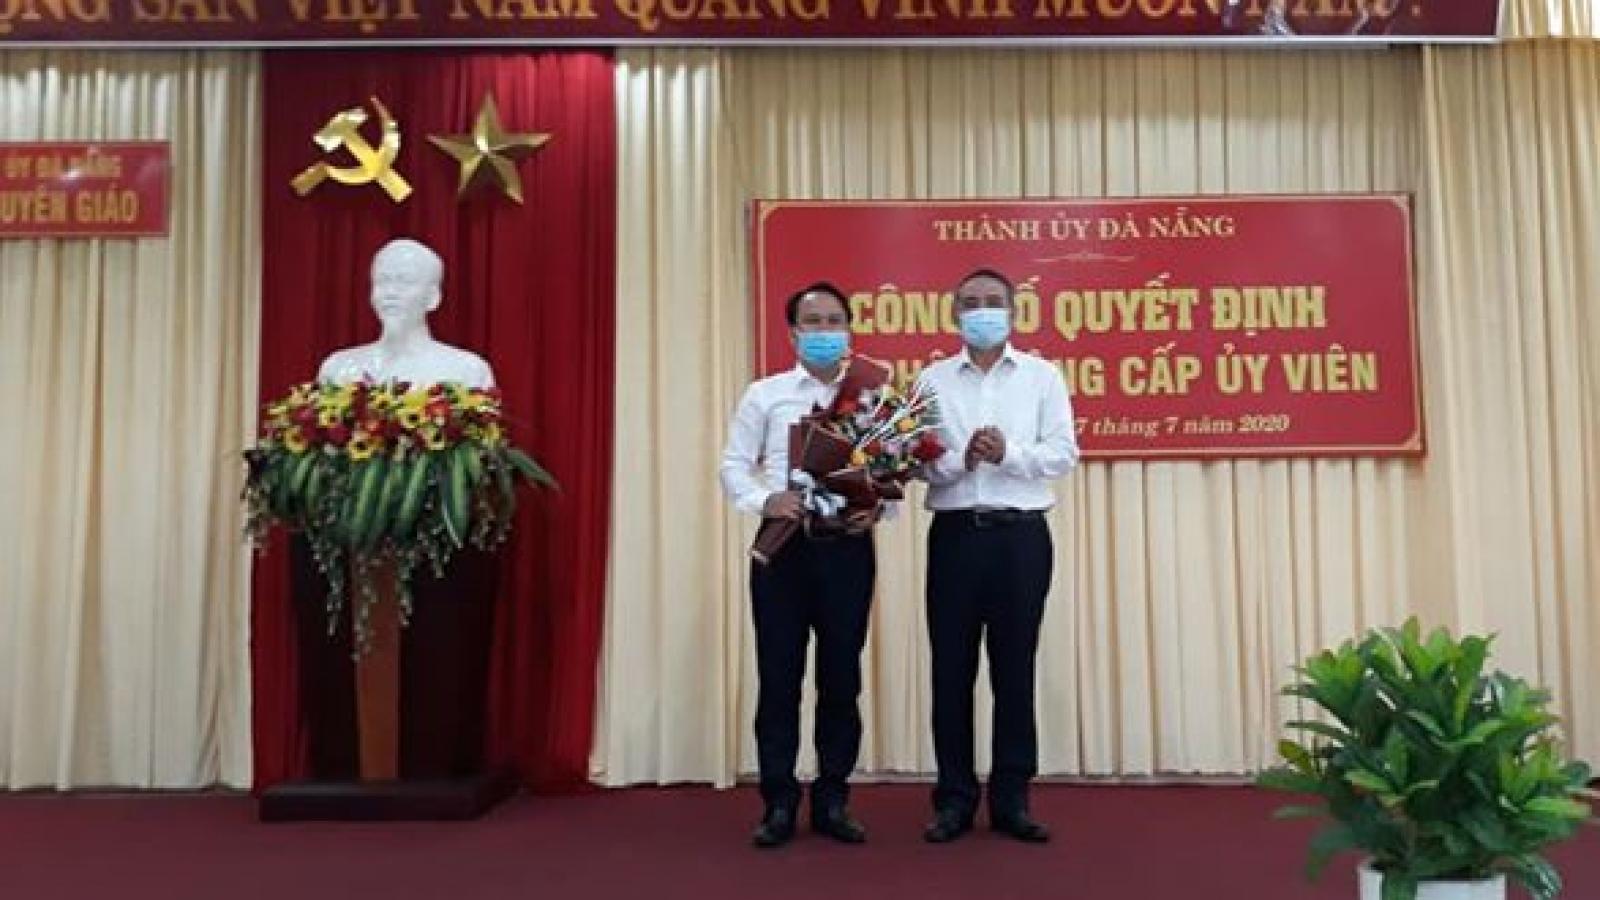 Bí thư Ngũ Hành Sơn làm Phó Trưởng Ban Tuyên giáo Thành ủy Đà Nẵng